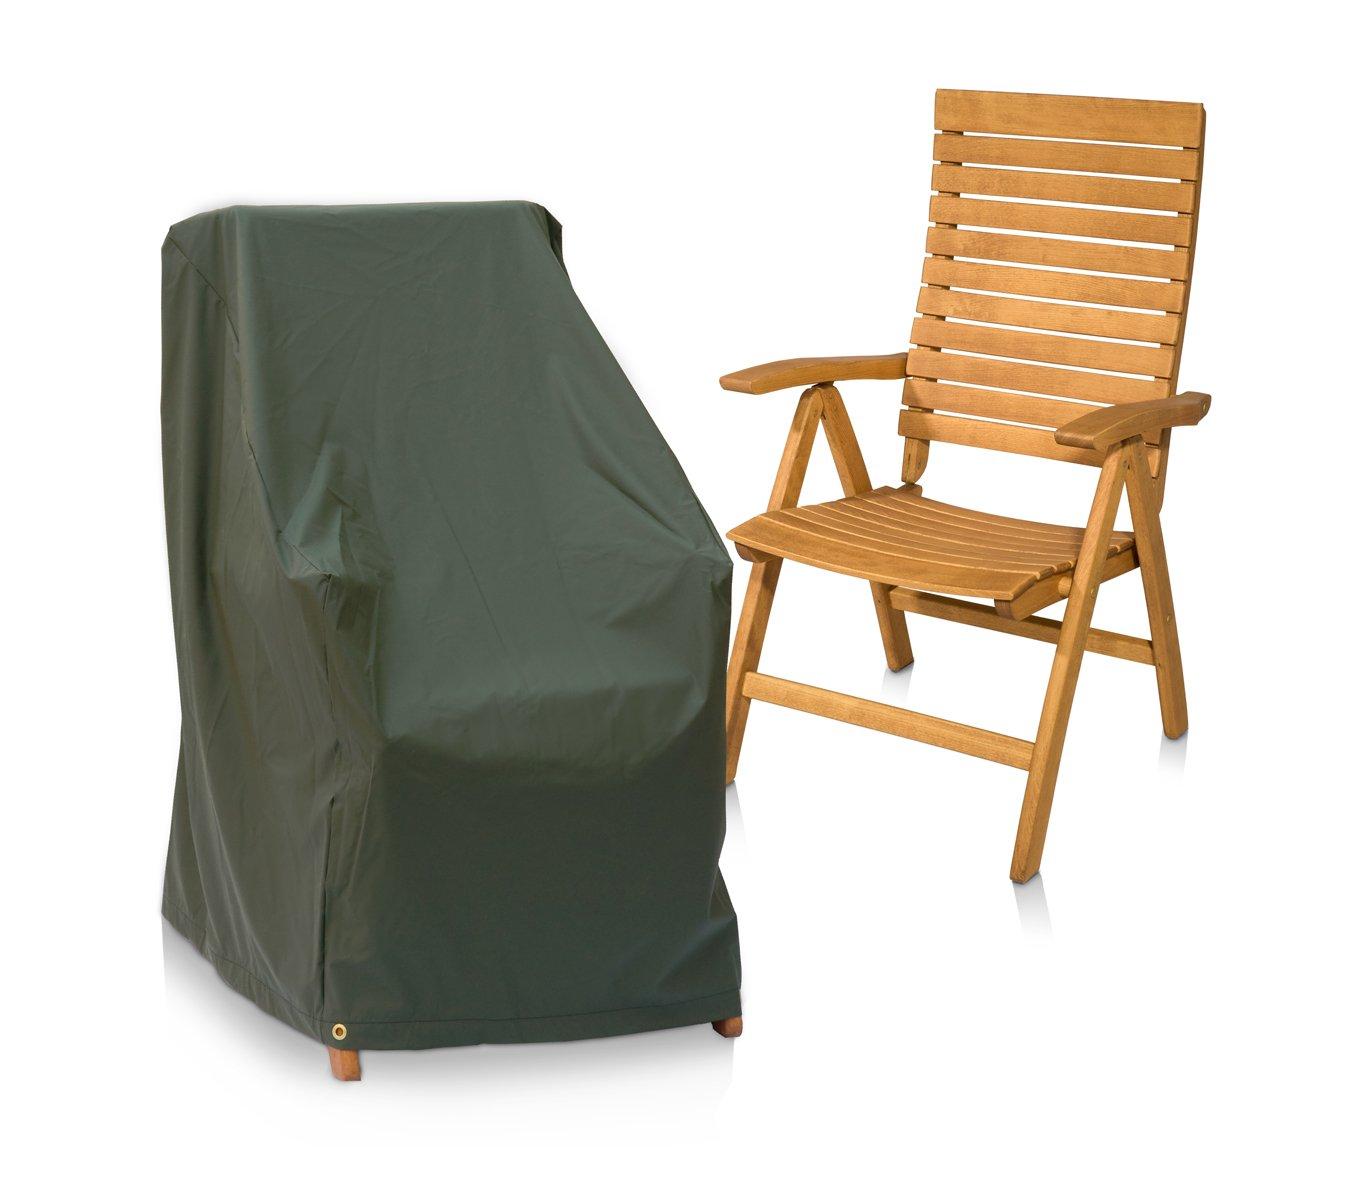 Eigbrecht 146255 Wood Cover Abdeckhaube Schutzhülle für Hochlehner Sessel grün 63x63x100/65cm günstig online kaufen